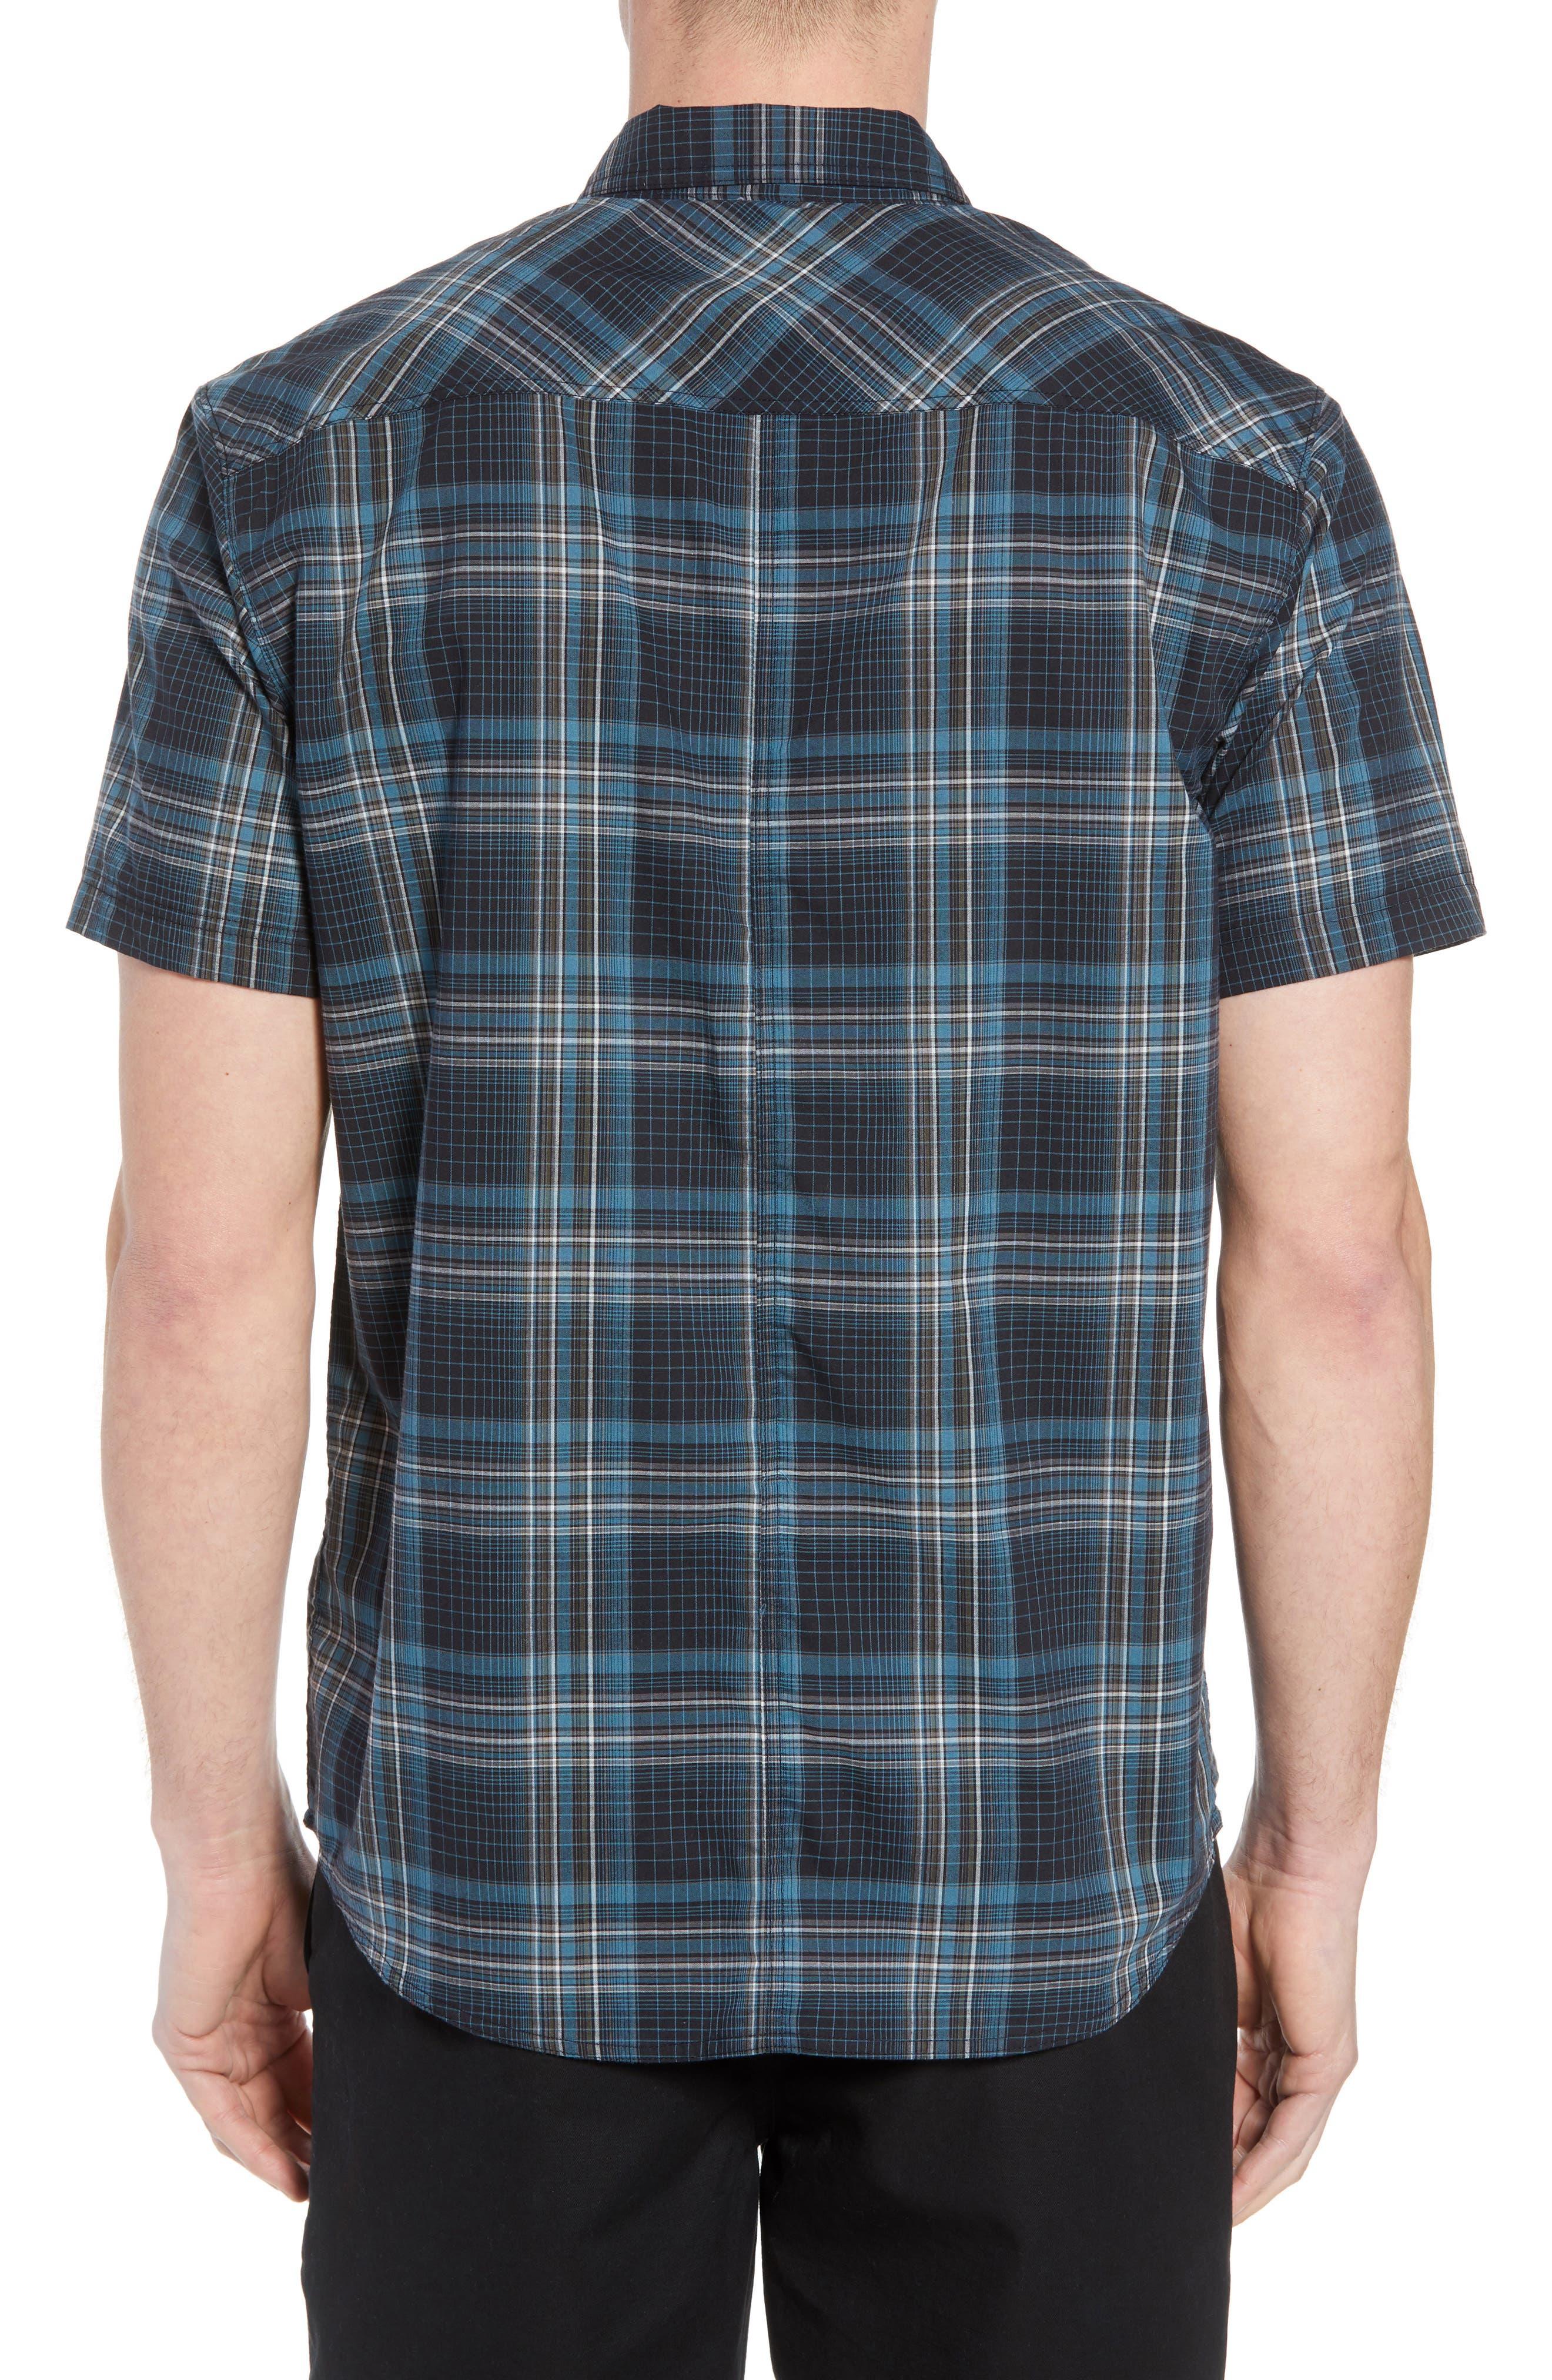 Alternate Image 2  - O'Neill Sturghill Woven Shirt